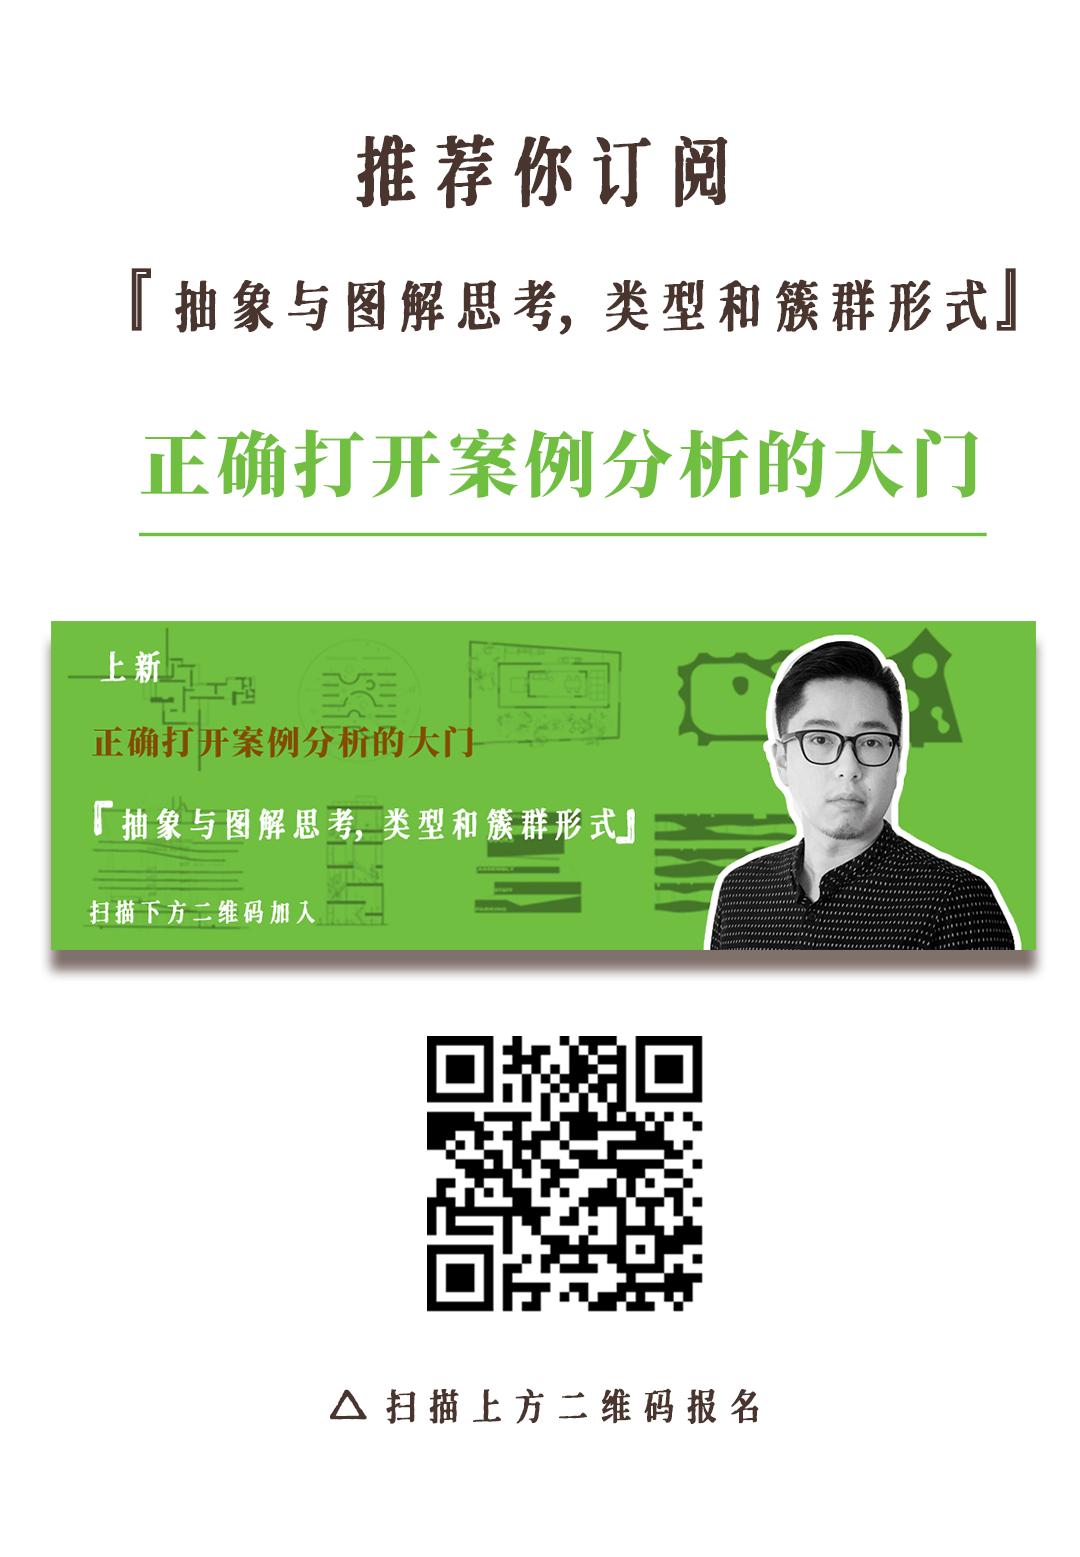 唐康硕-150个案例解析丨画板15---推薦訂閱.png